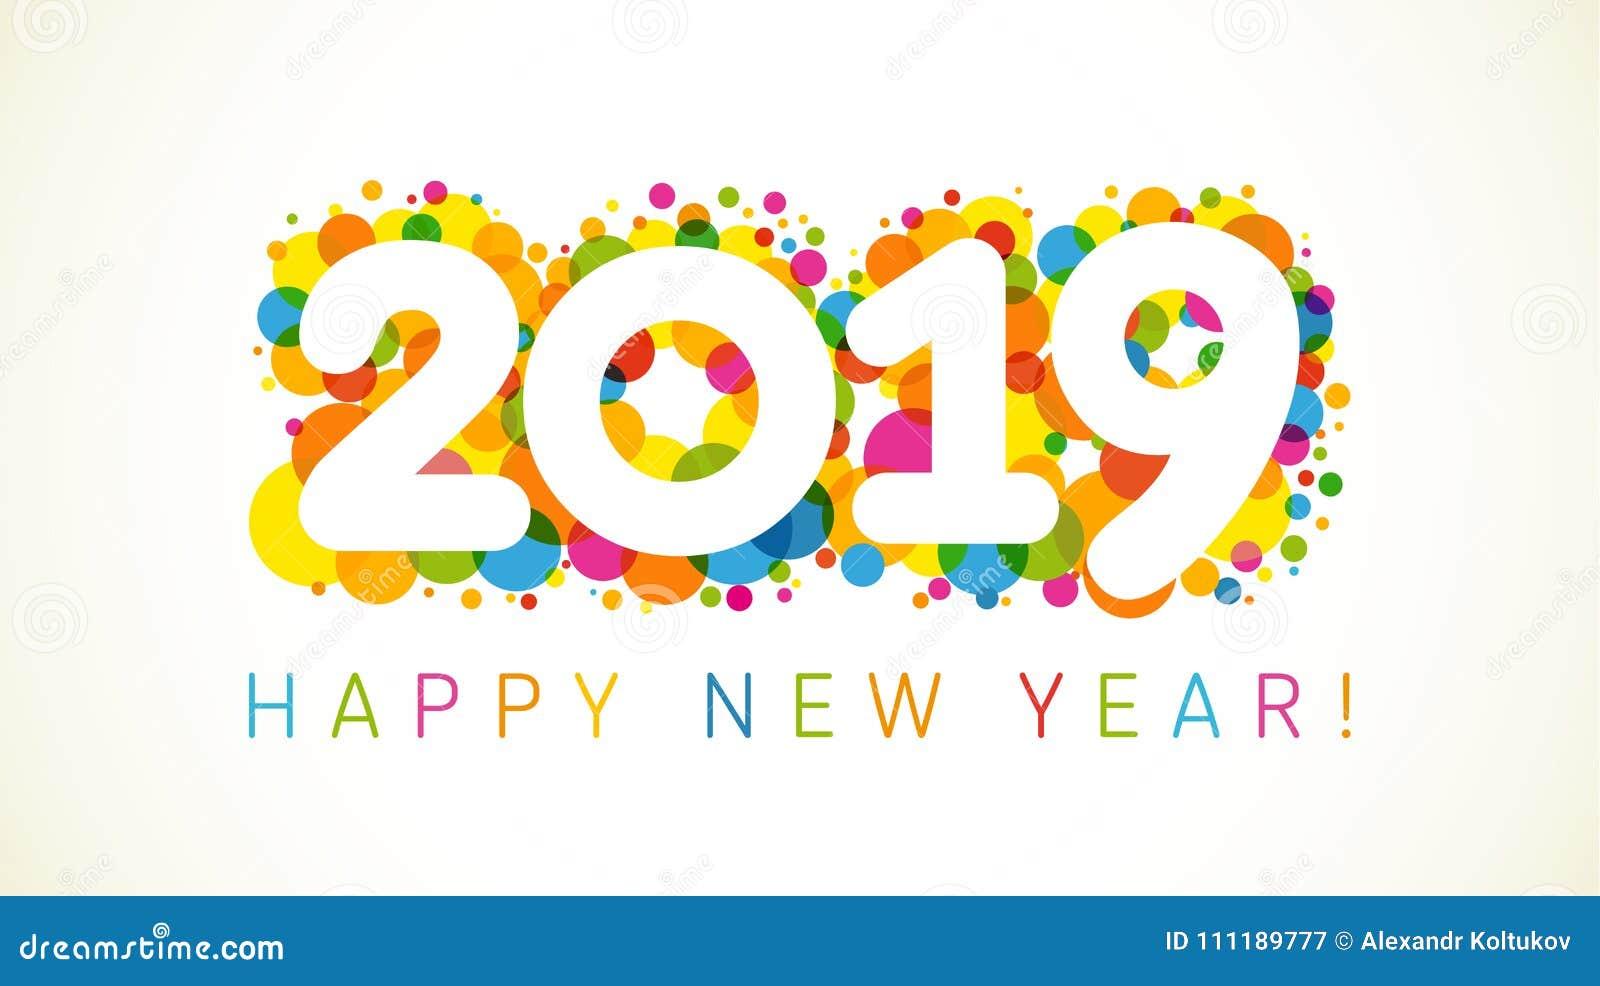 2019 Grüße Eines Guten Rutsch Ins Neue Jahr Vektor Abbildung ...